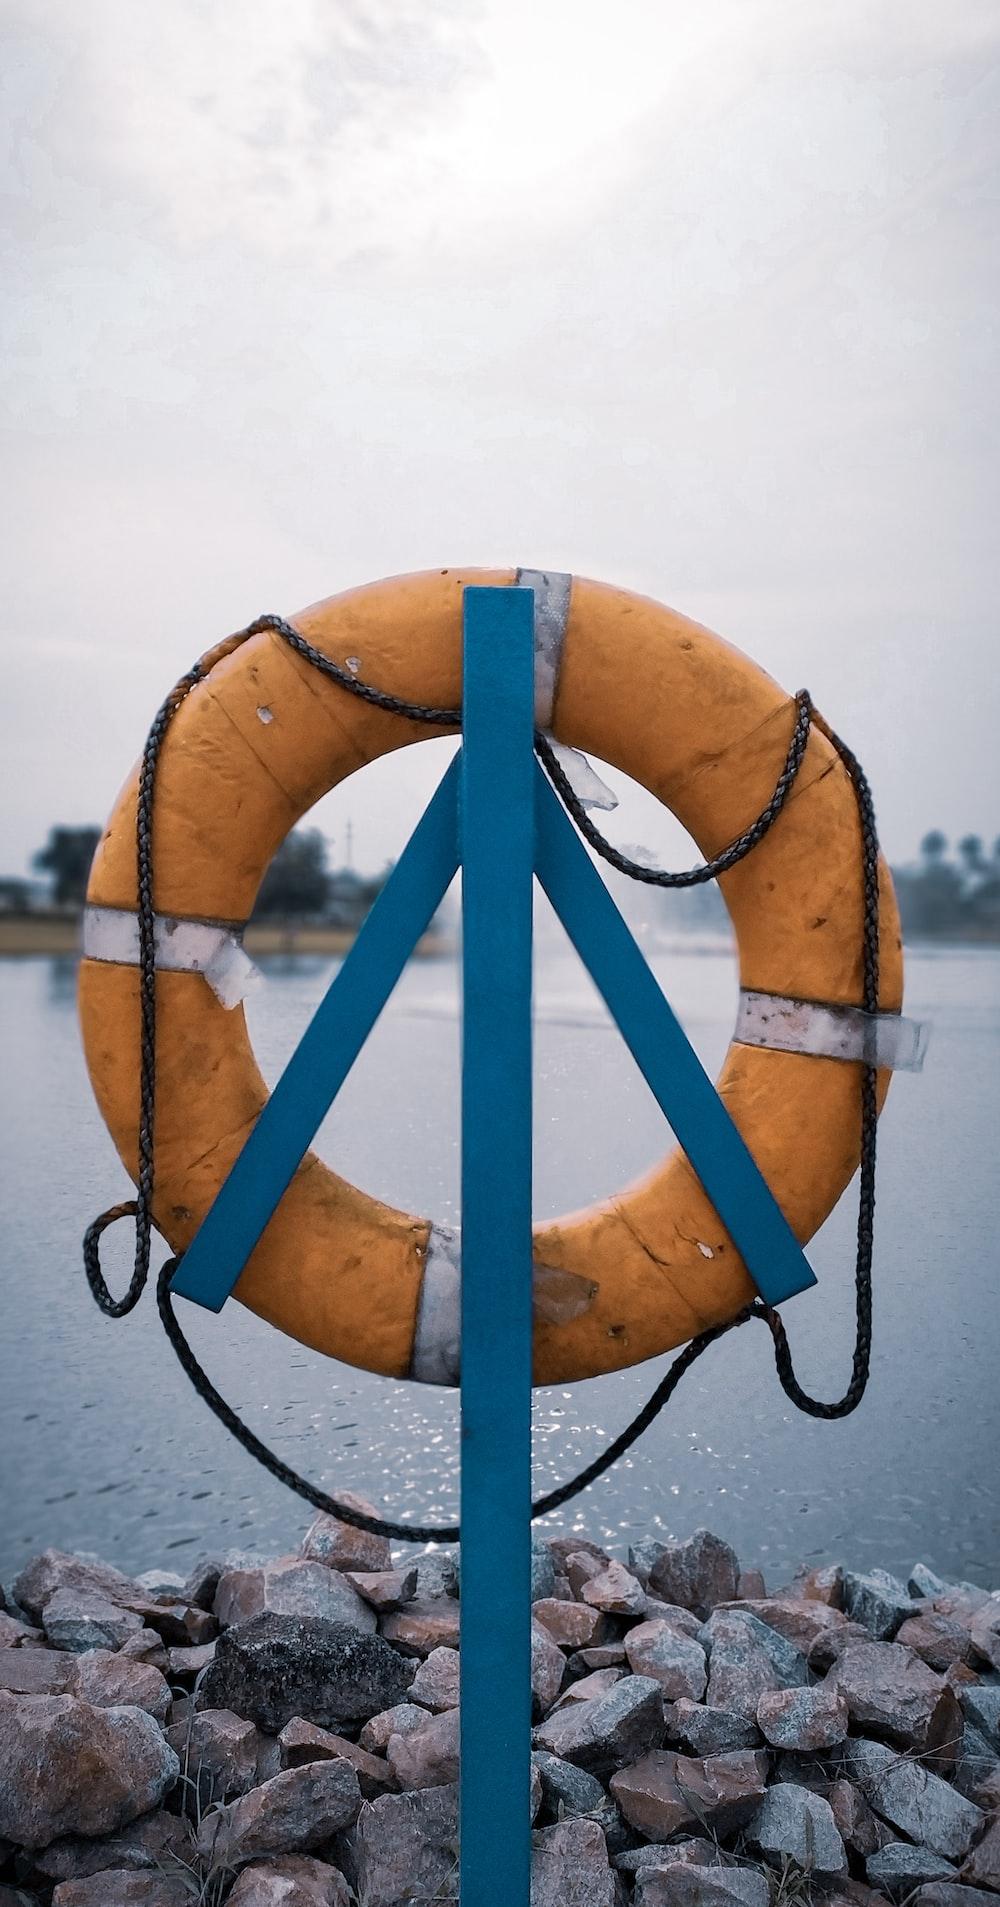 orange lifebuoy hanging on post near water